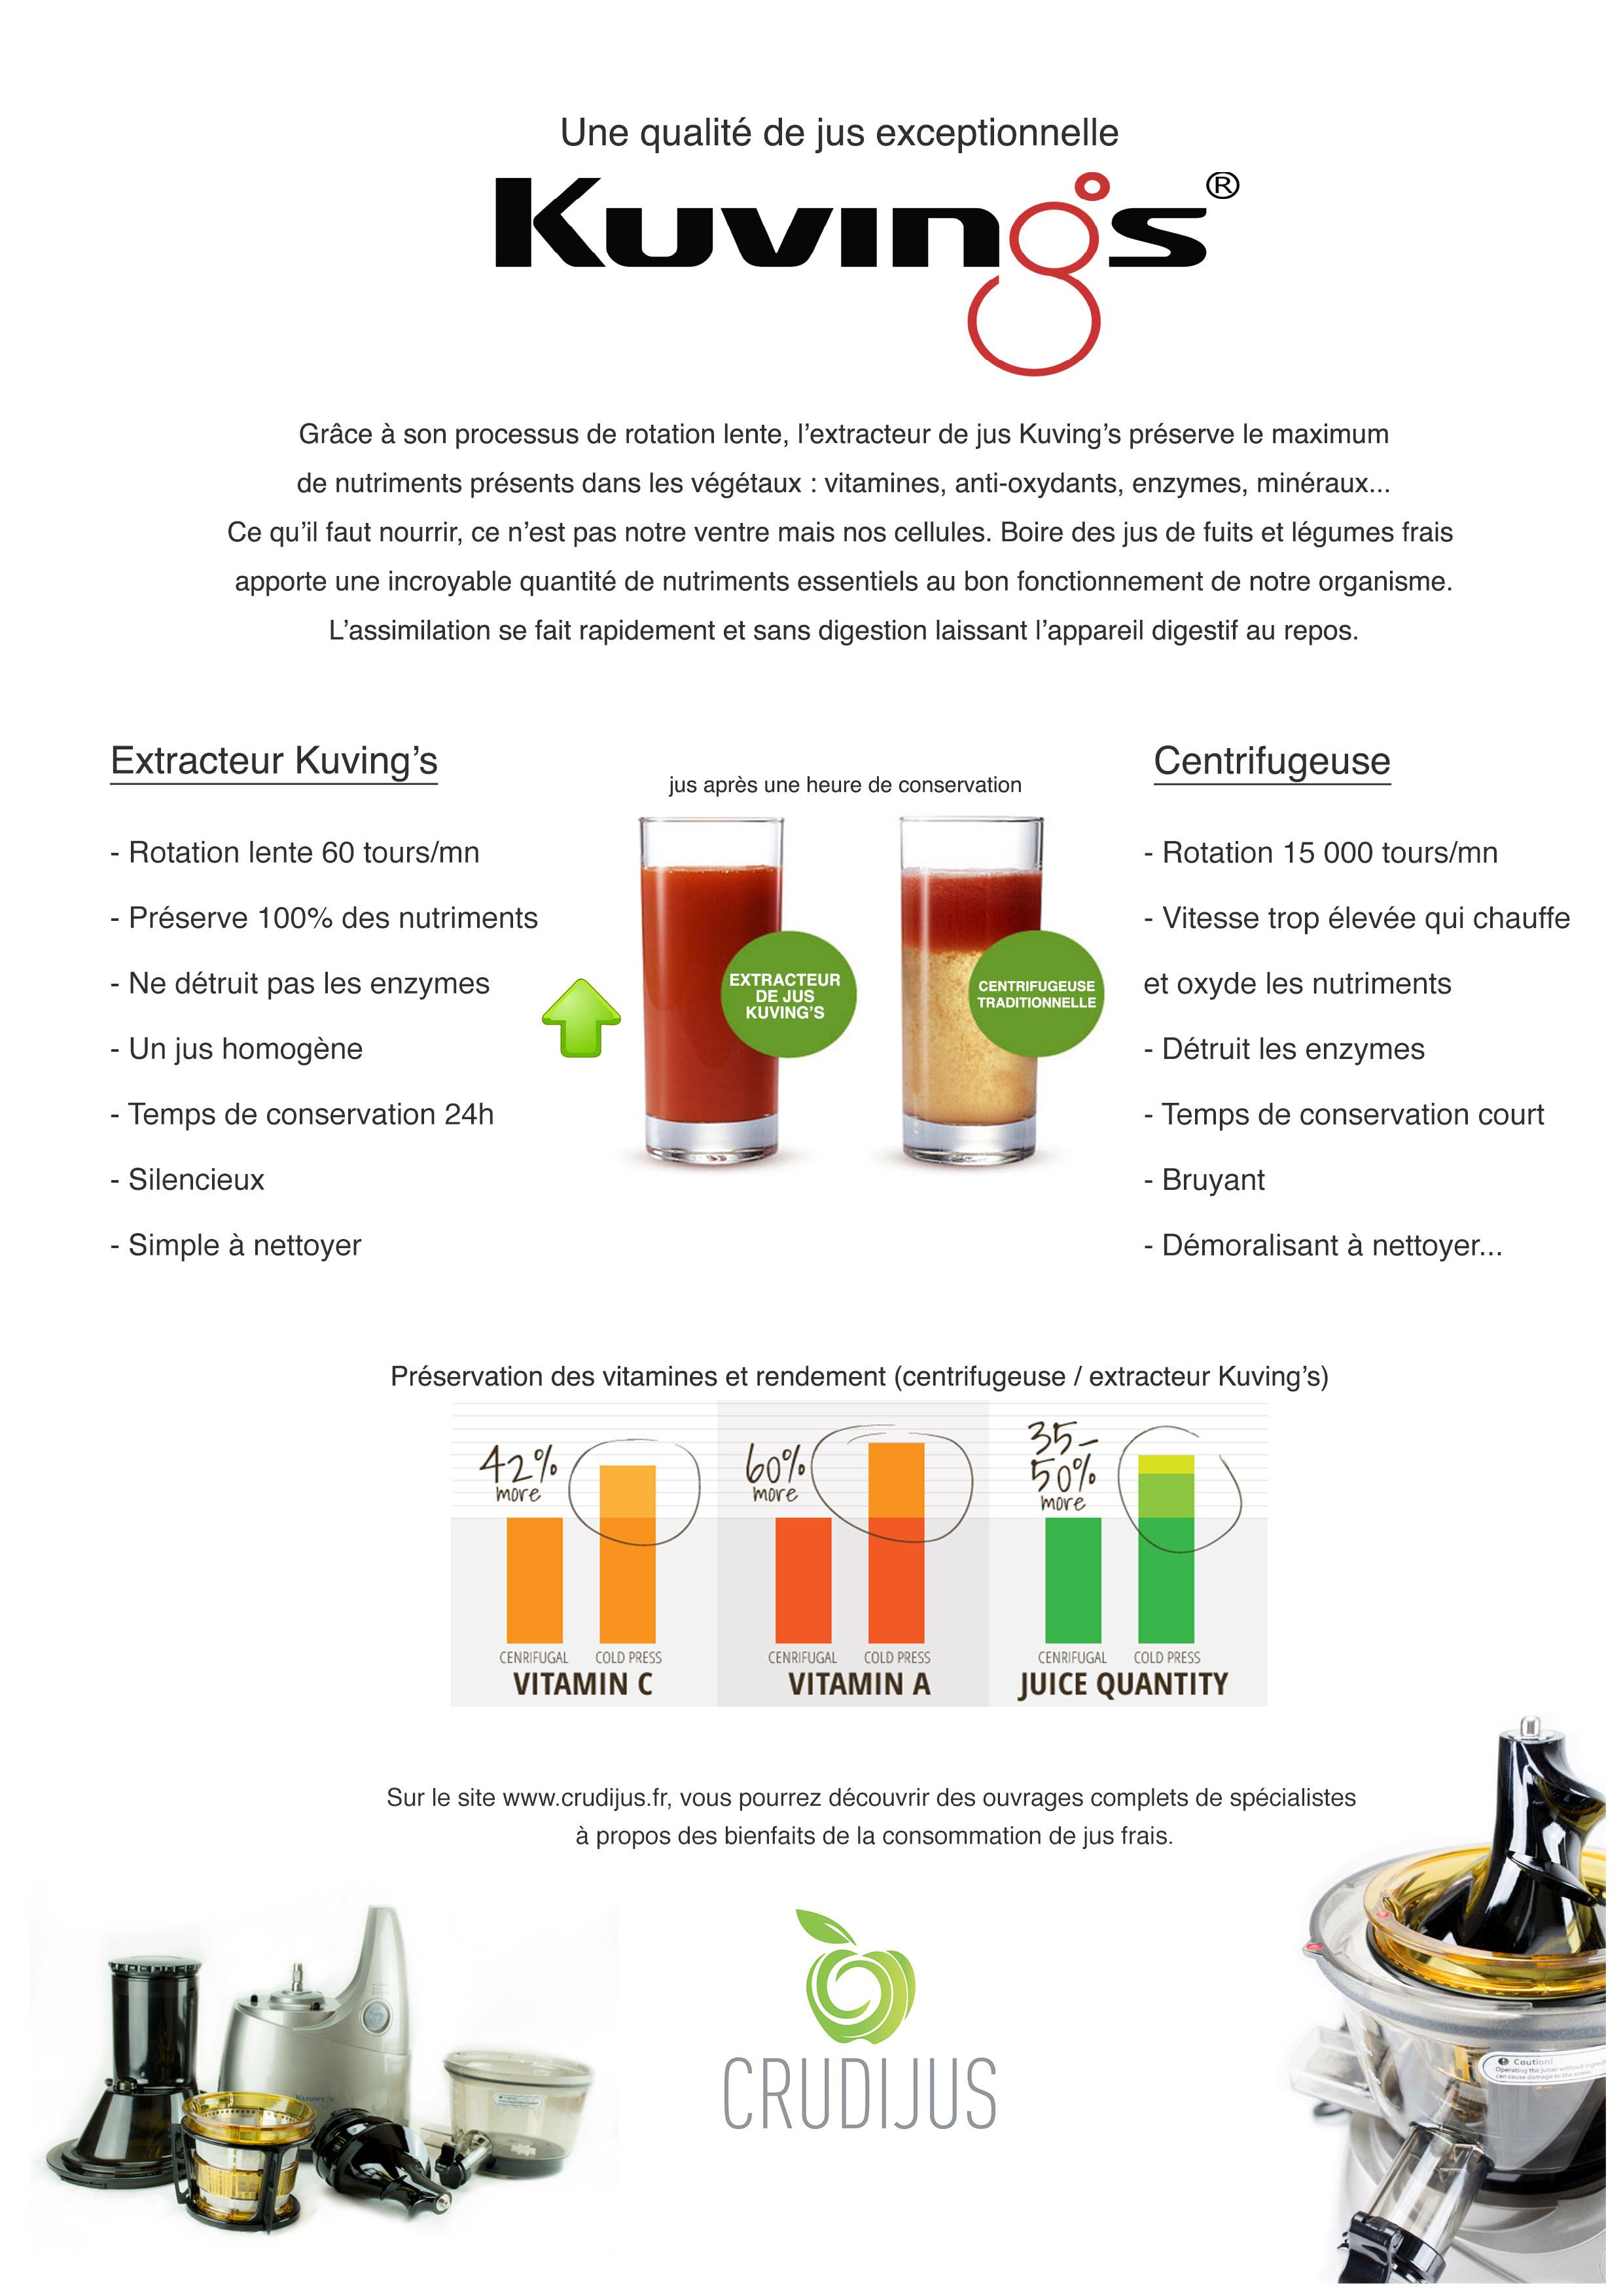 Extracteur de jus lent kuvings rouge b9400 livre de recettes et tamis offerts b9400r kuvings - Difference centrifugeuse et extracteur de jus ...